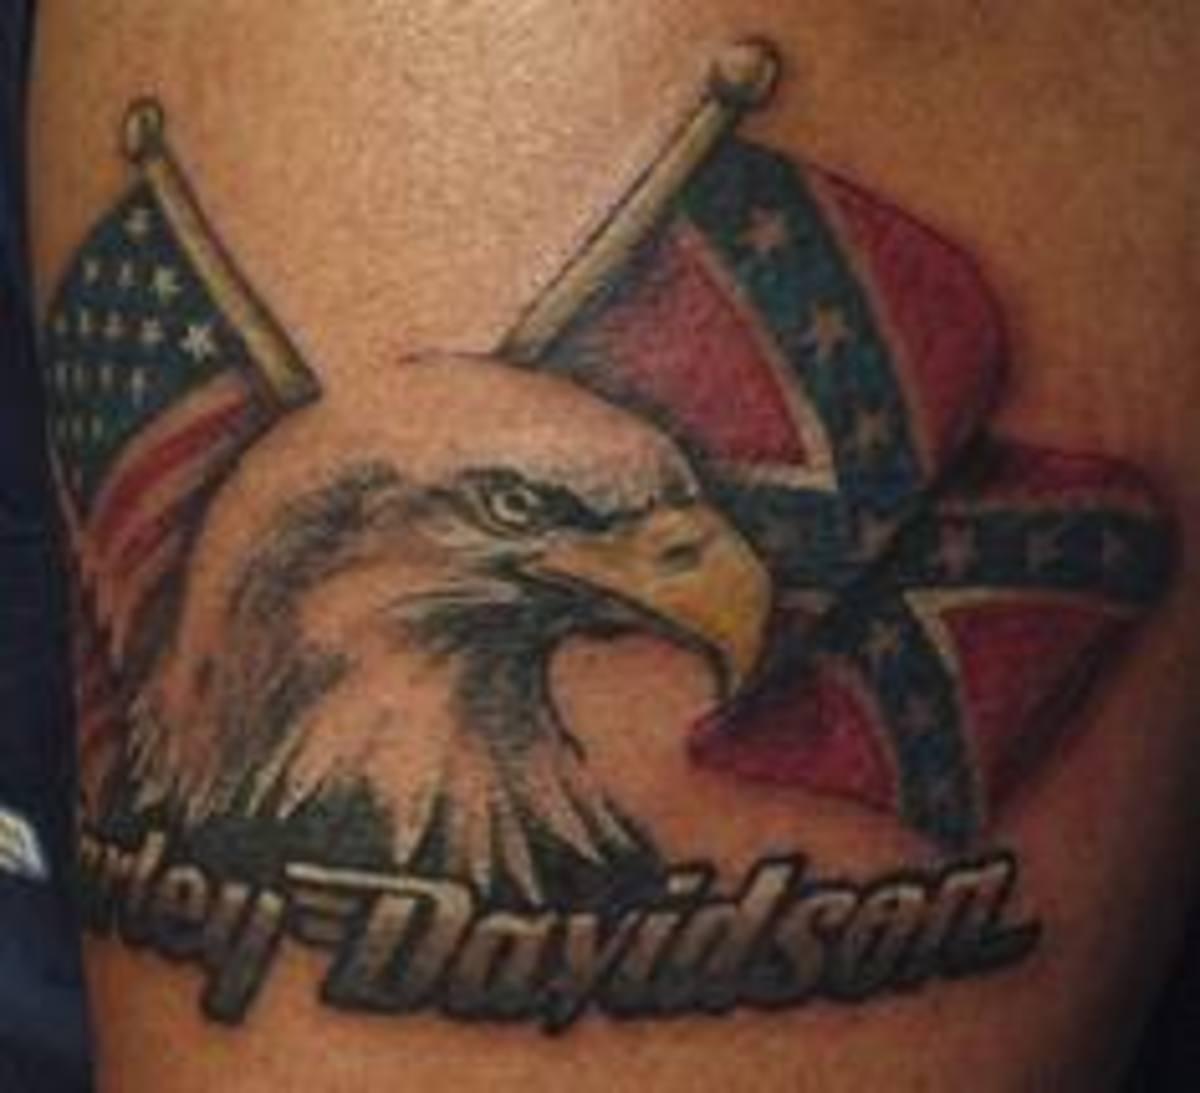 Harley davidson tattoos and history harley davidson tattoo for Free harley davidson tattoo designs